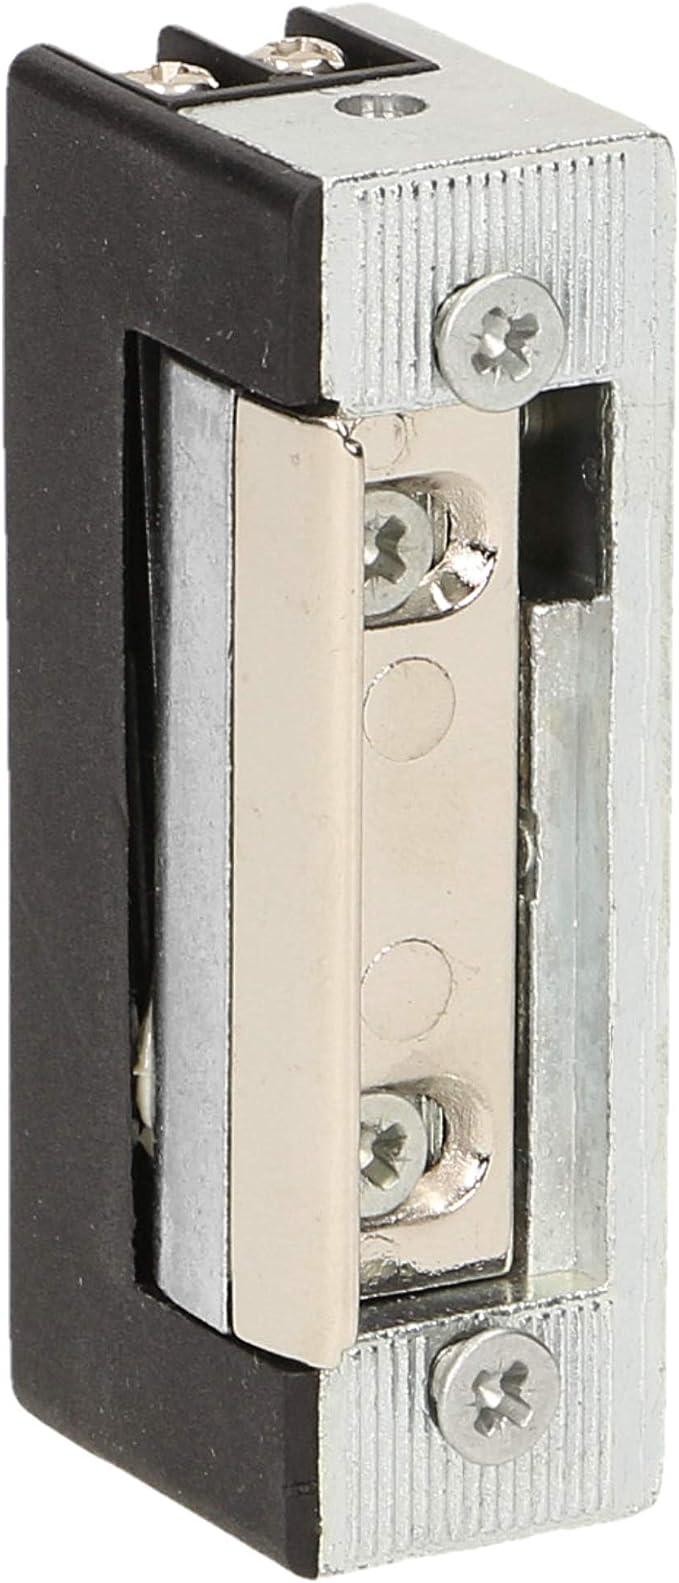 ORNO Cerradura Electrica Para Puerta Izquierda y Derecha, Ajuste De Rigidez 8-14V AC/DC (Bloqueo + Memoria): Amazon.es: Bricolaje y herramientas